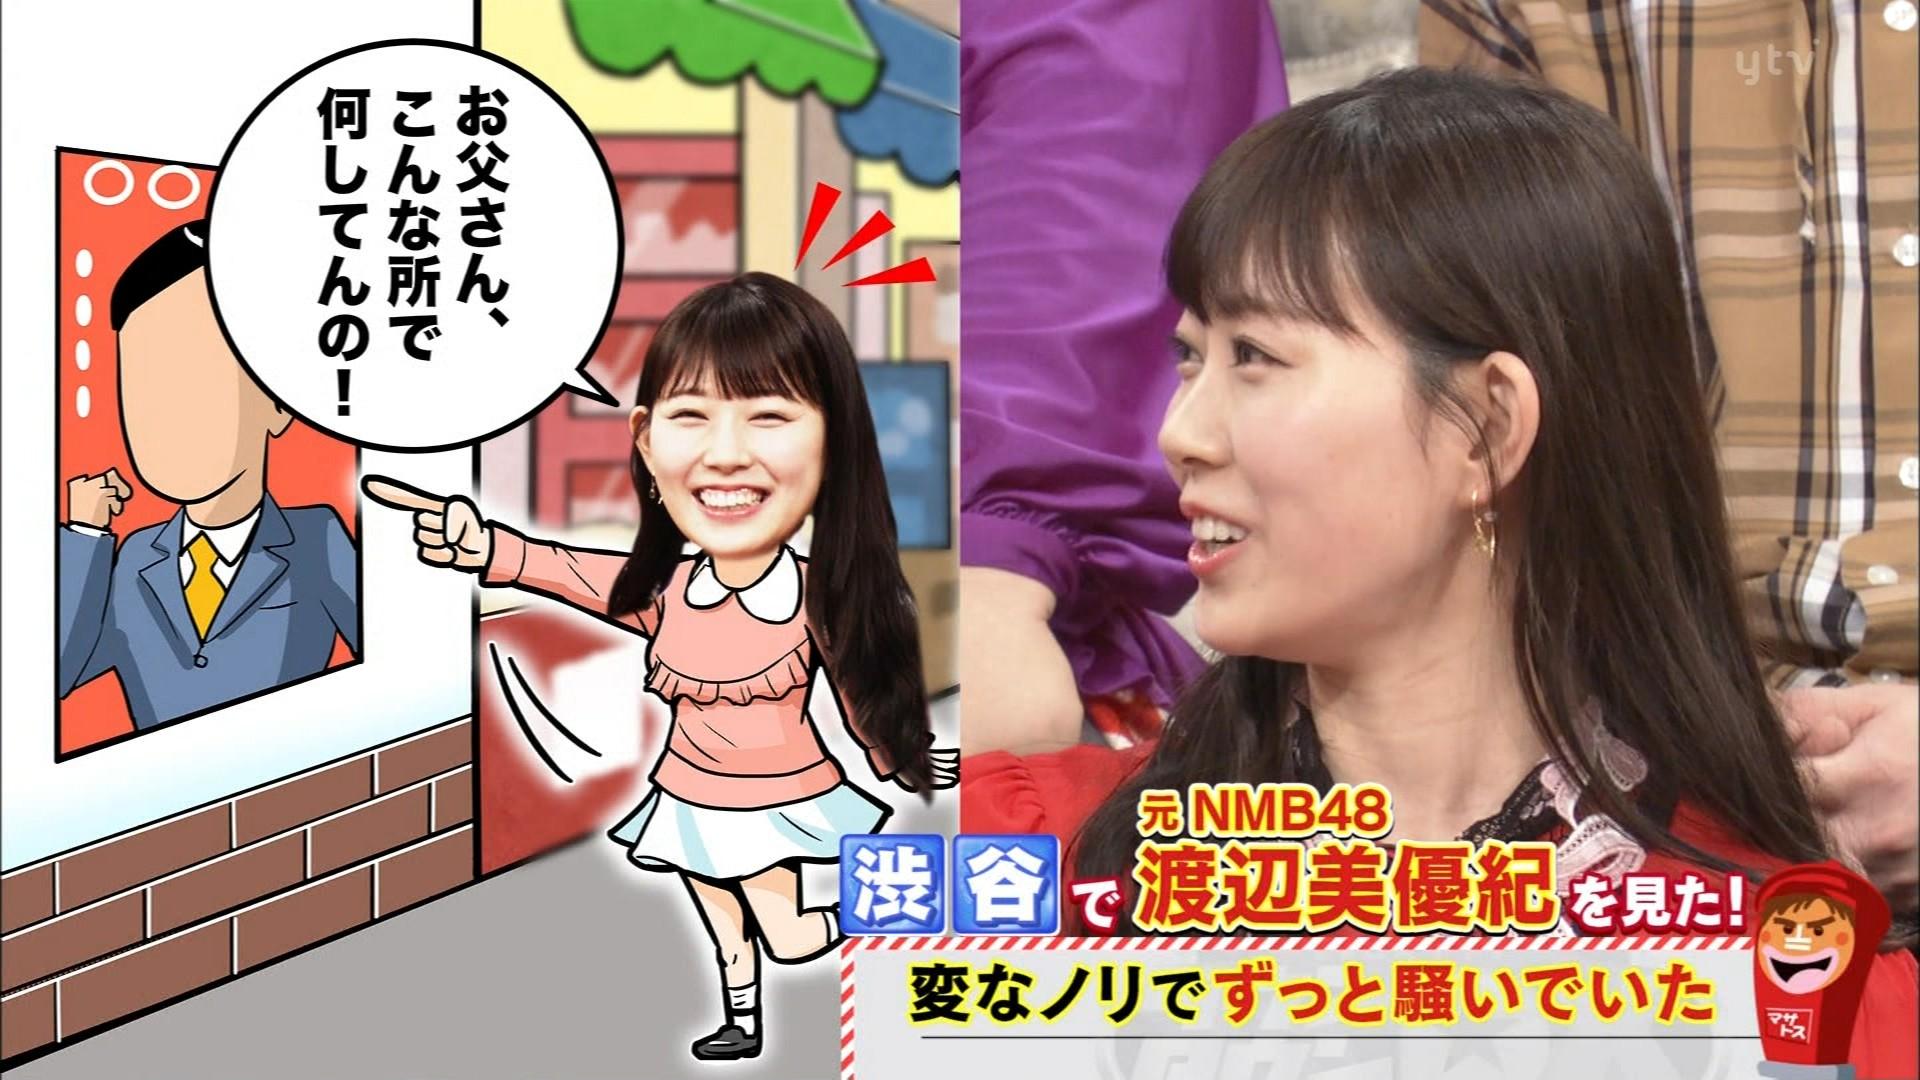 【渡辺美優紀】みるきー出演・3月28日「ダウンタウンDXDX」のキャプ画像。